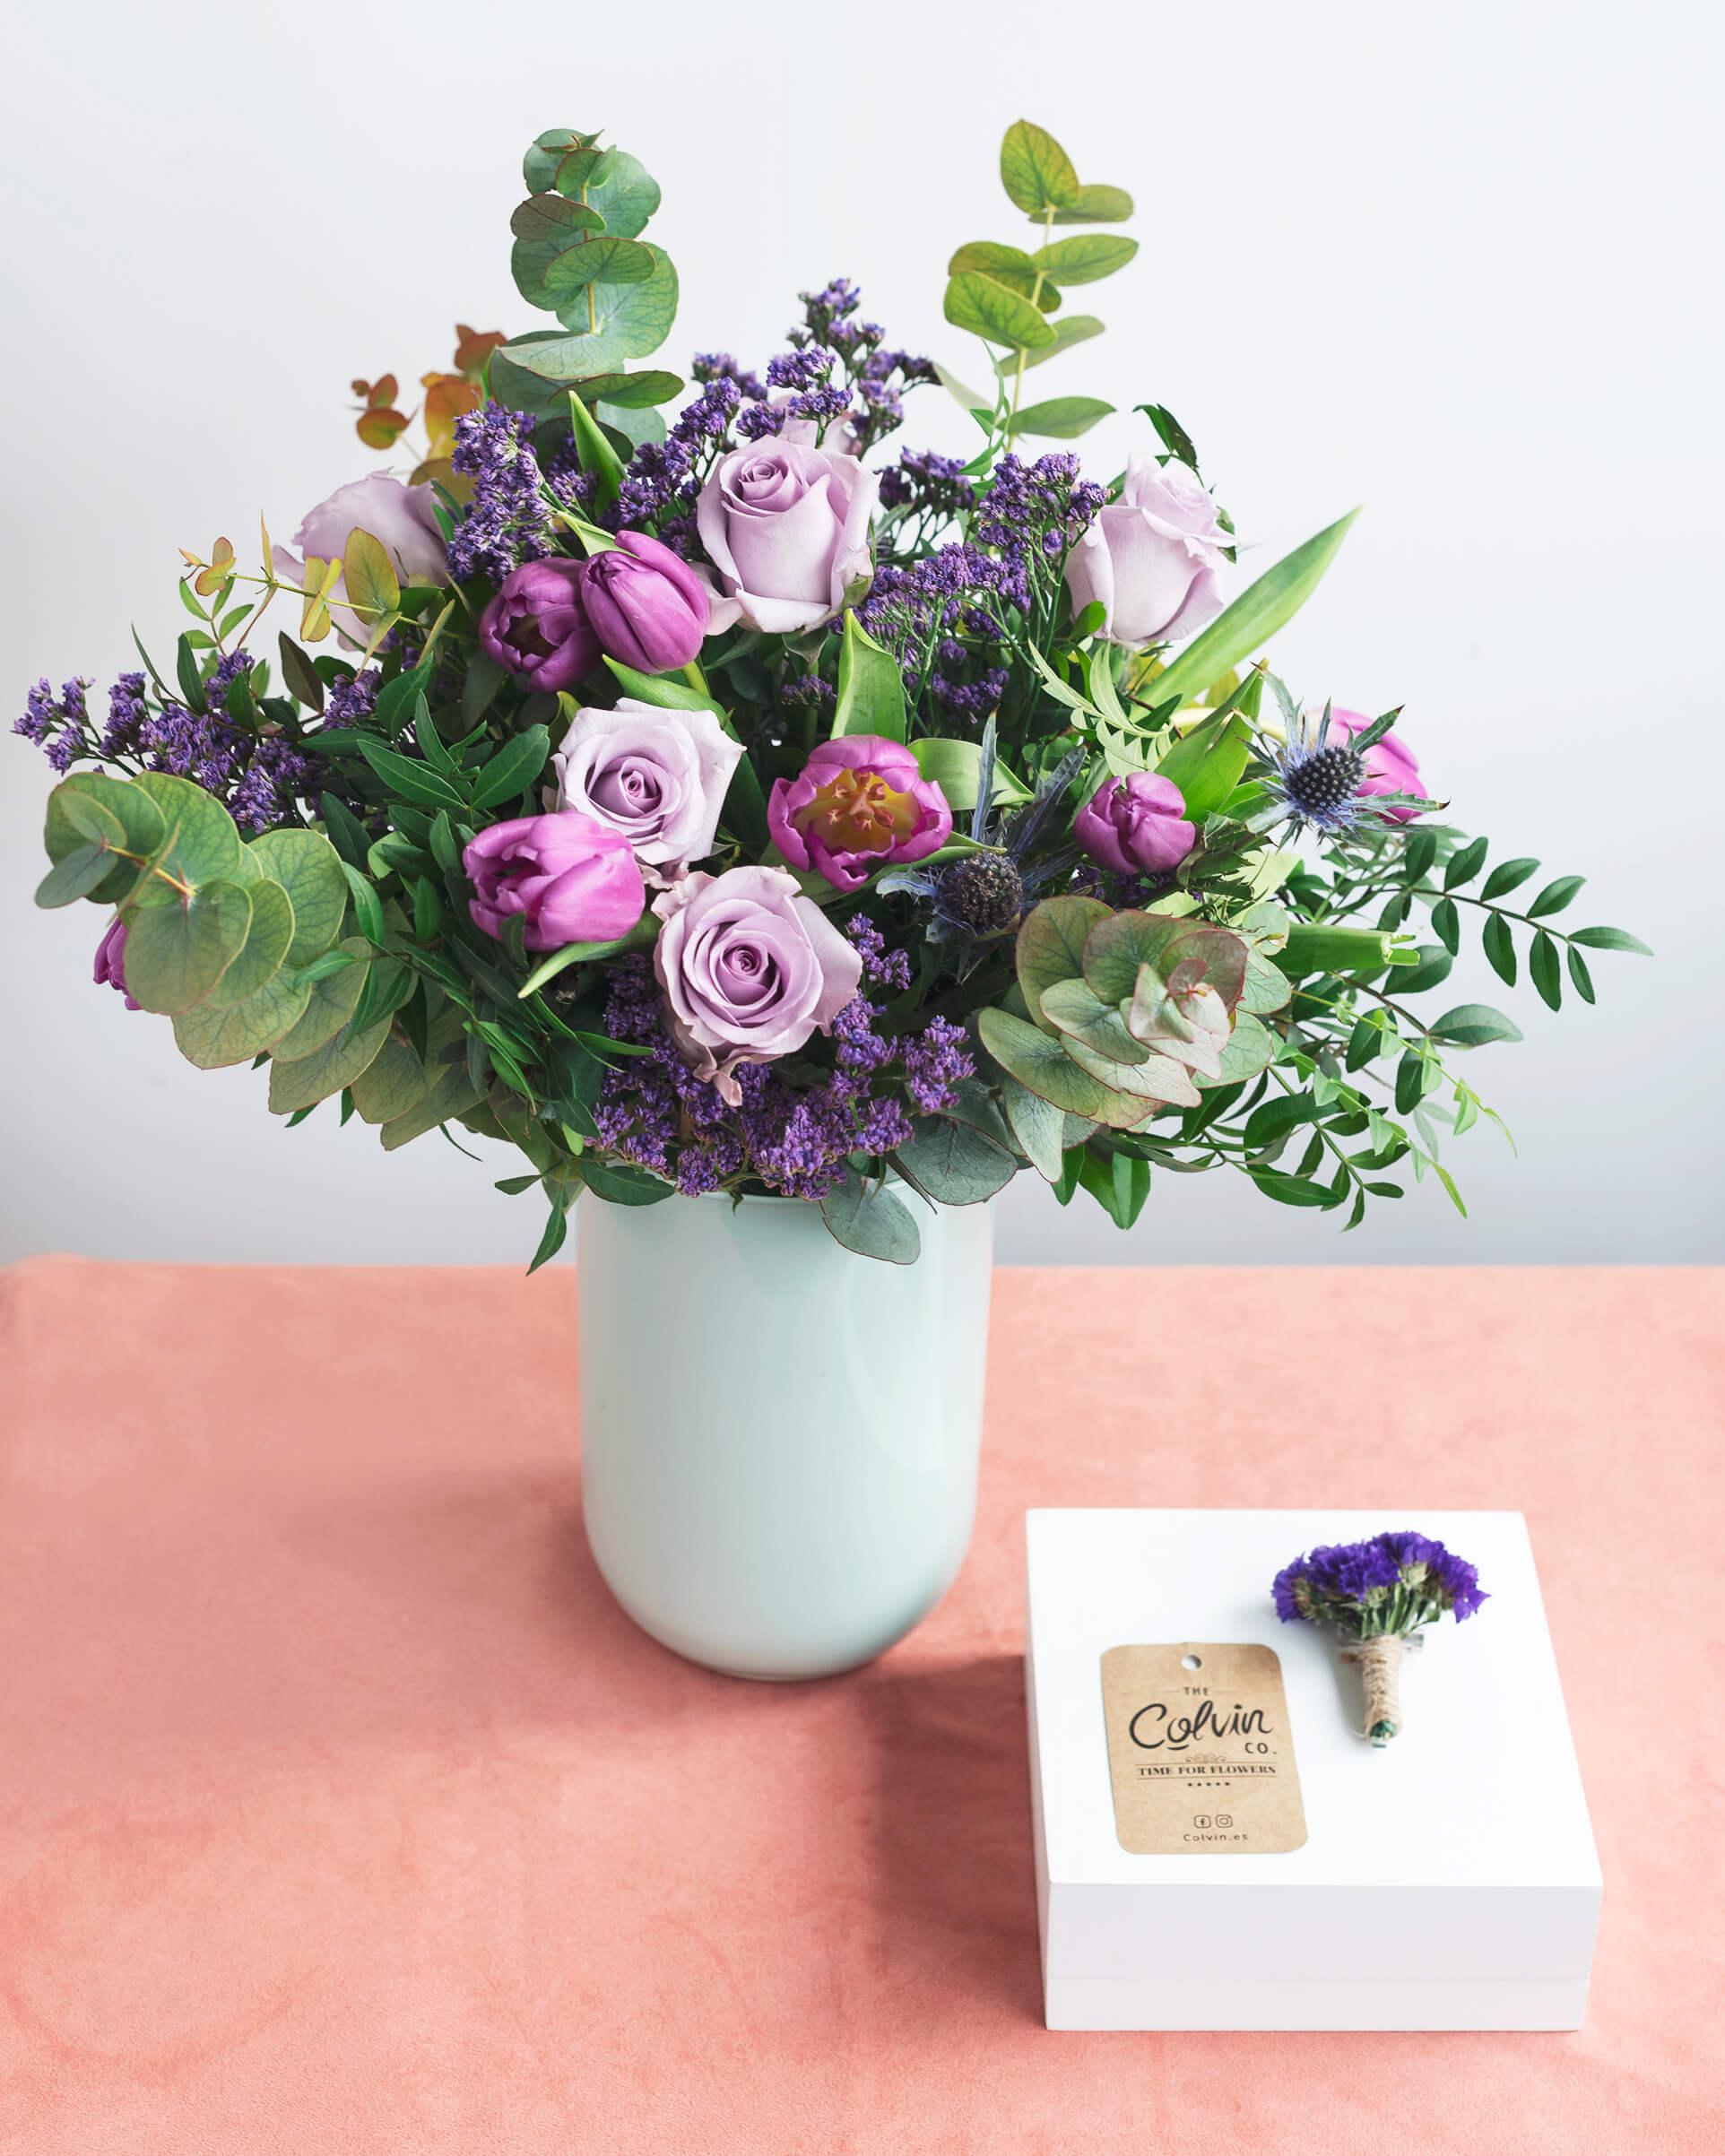 ramo de flores colvin Michelle - dia de la mujer